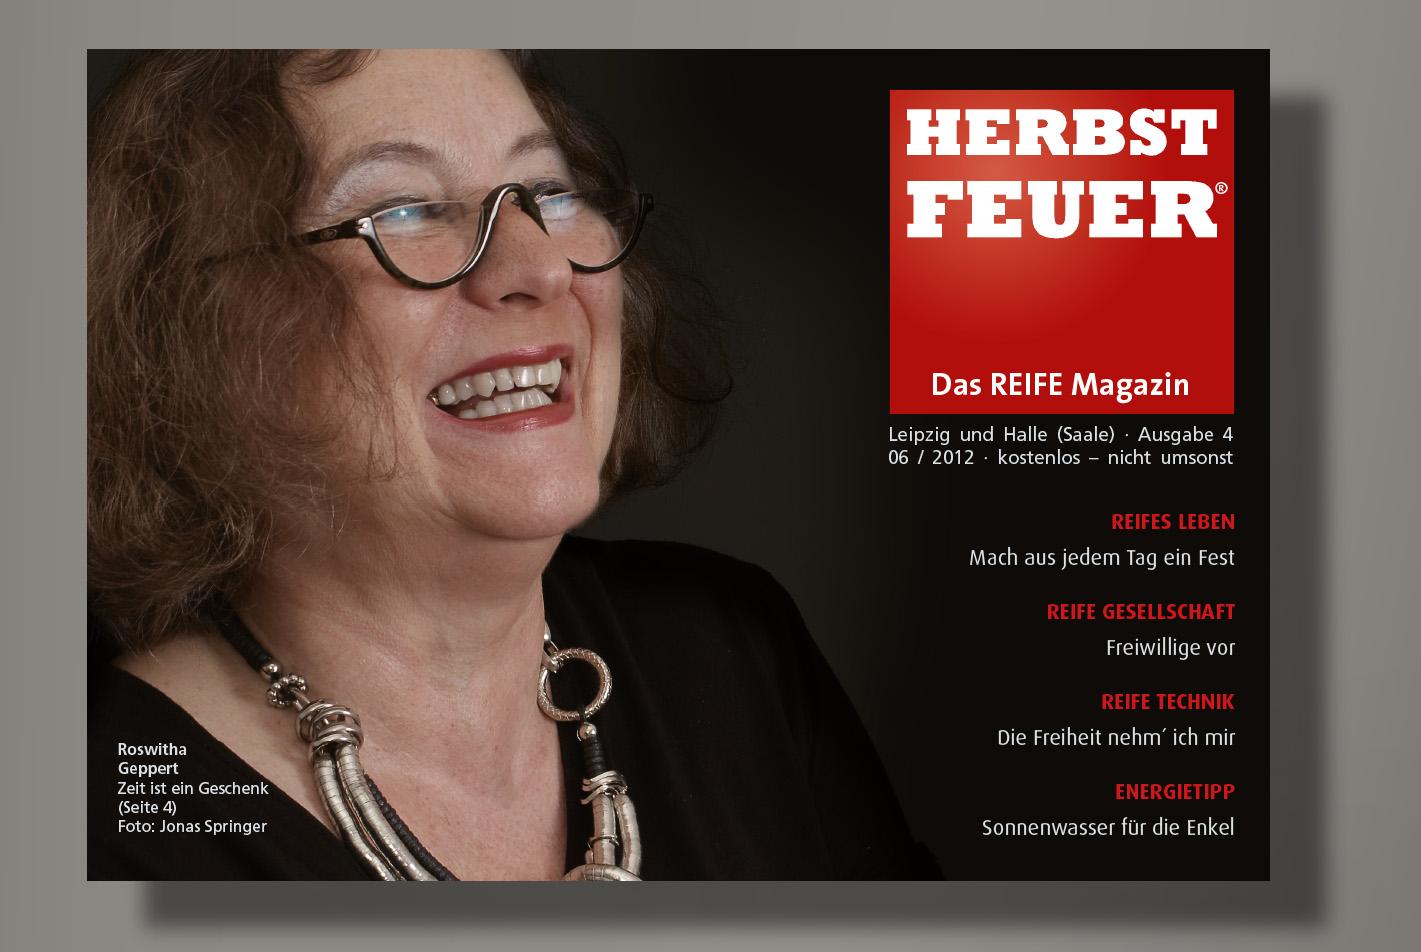 HERBSTFEUER – Das REIFE Magazin für Leipzig und Halle (Saale); Ausgabe 4